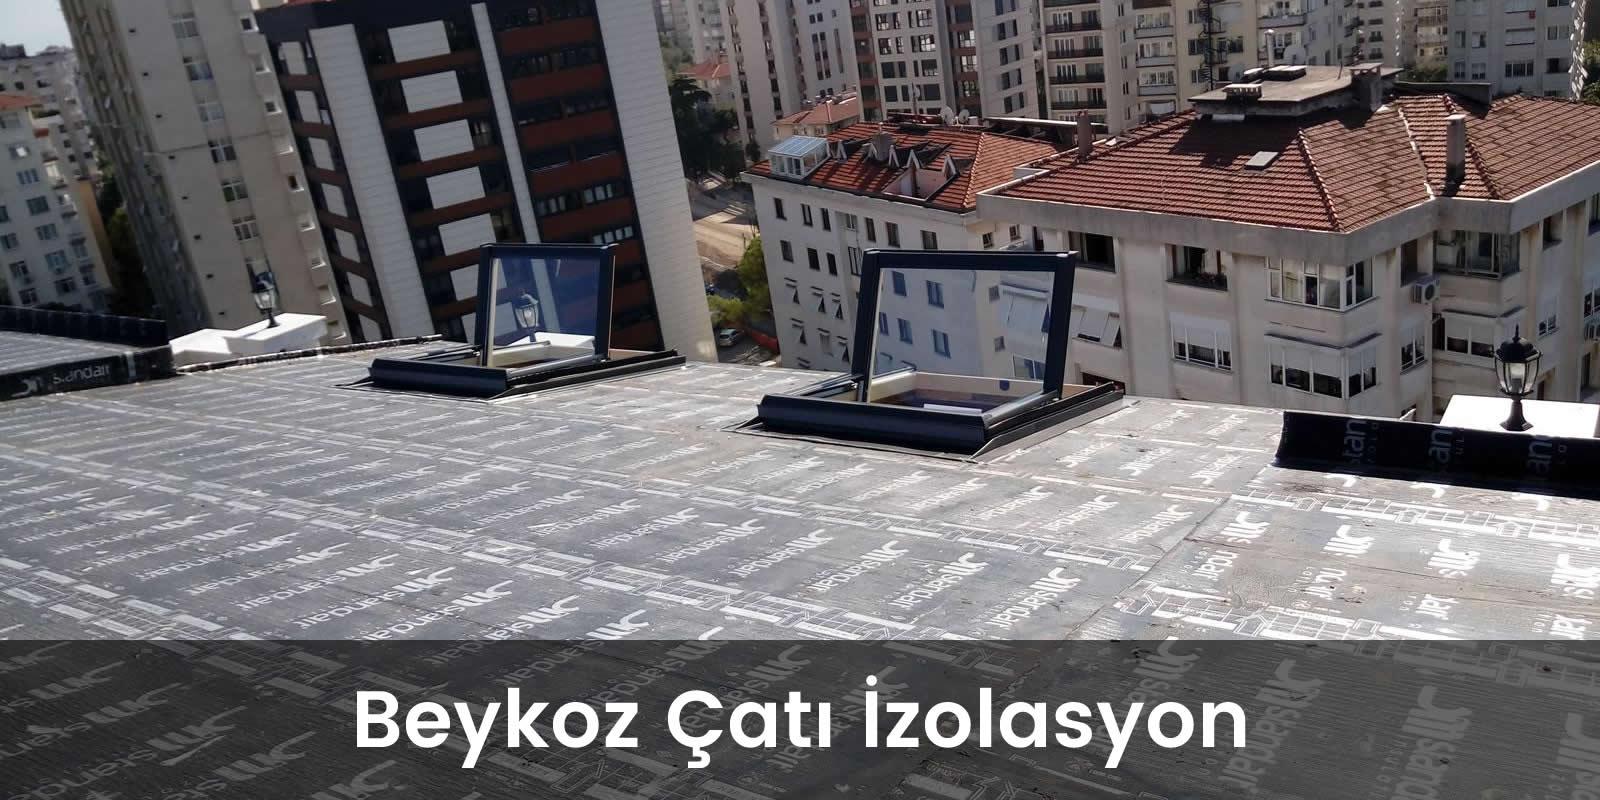 Beykoz çatı izolasyon